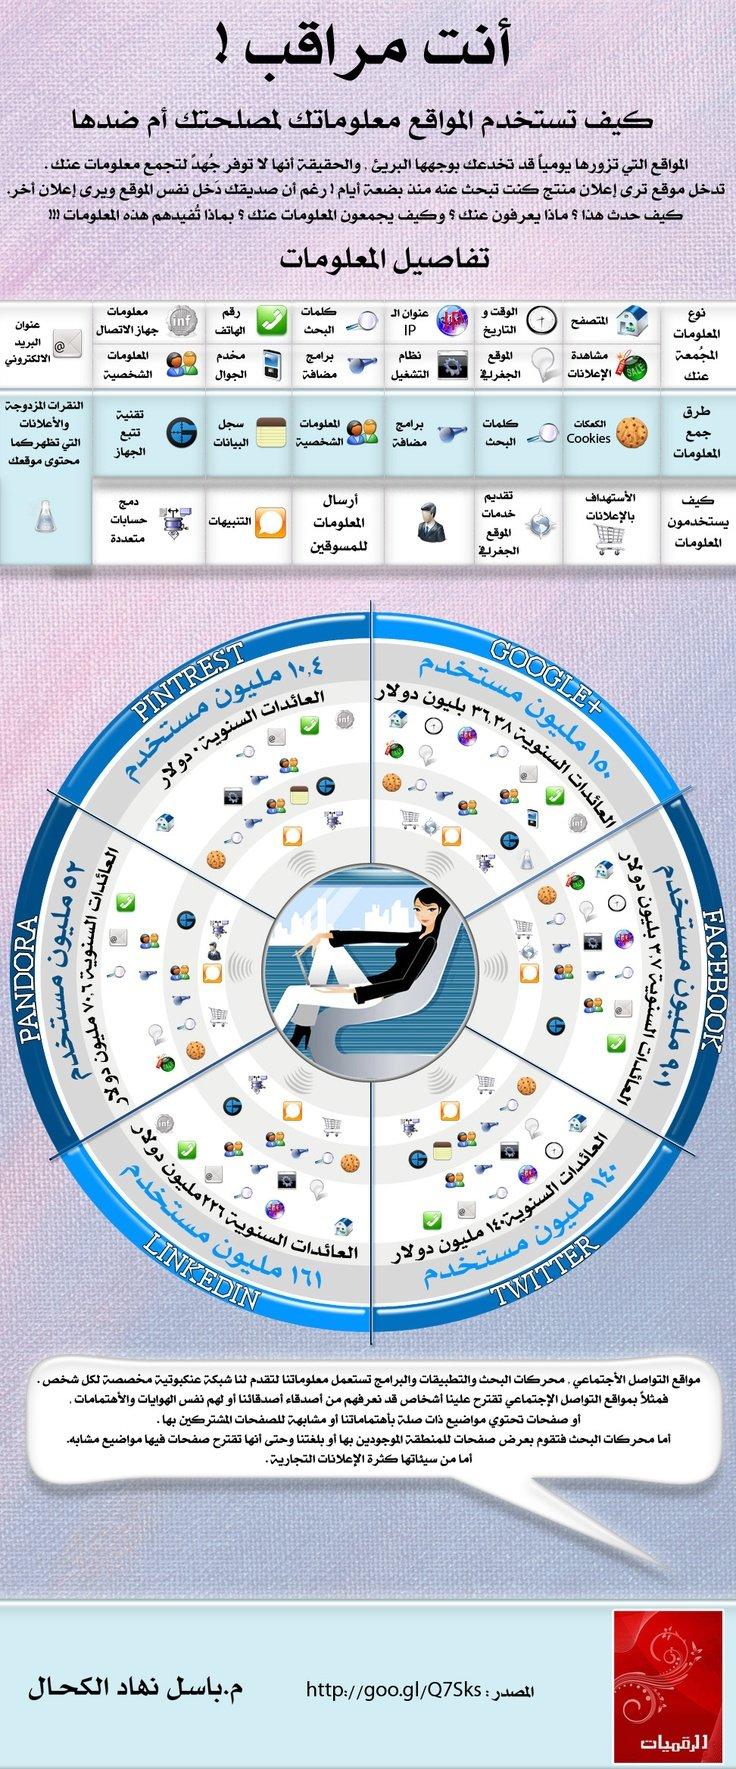 انت مراقب على الانترنت احذر !!! #انفوجرافيك #انفوجرافيك_عربي